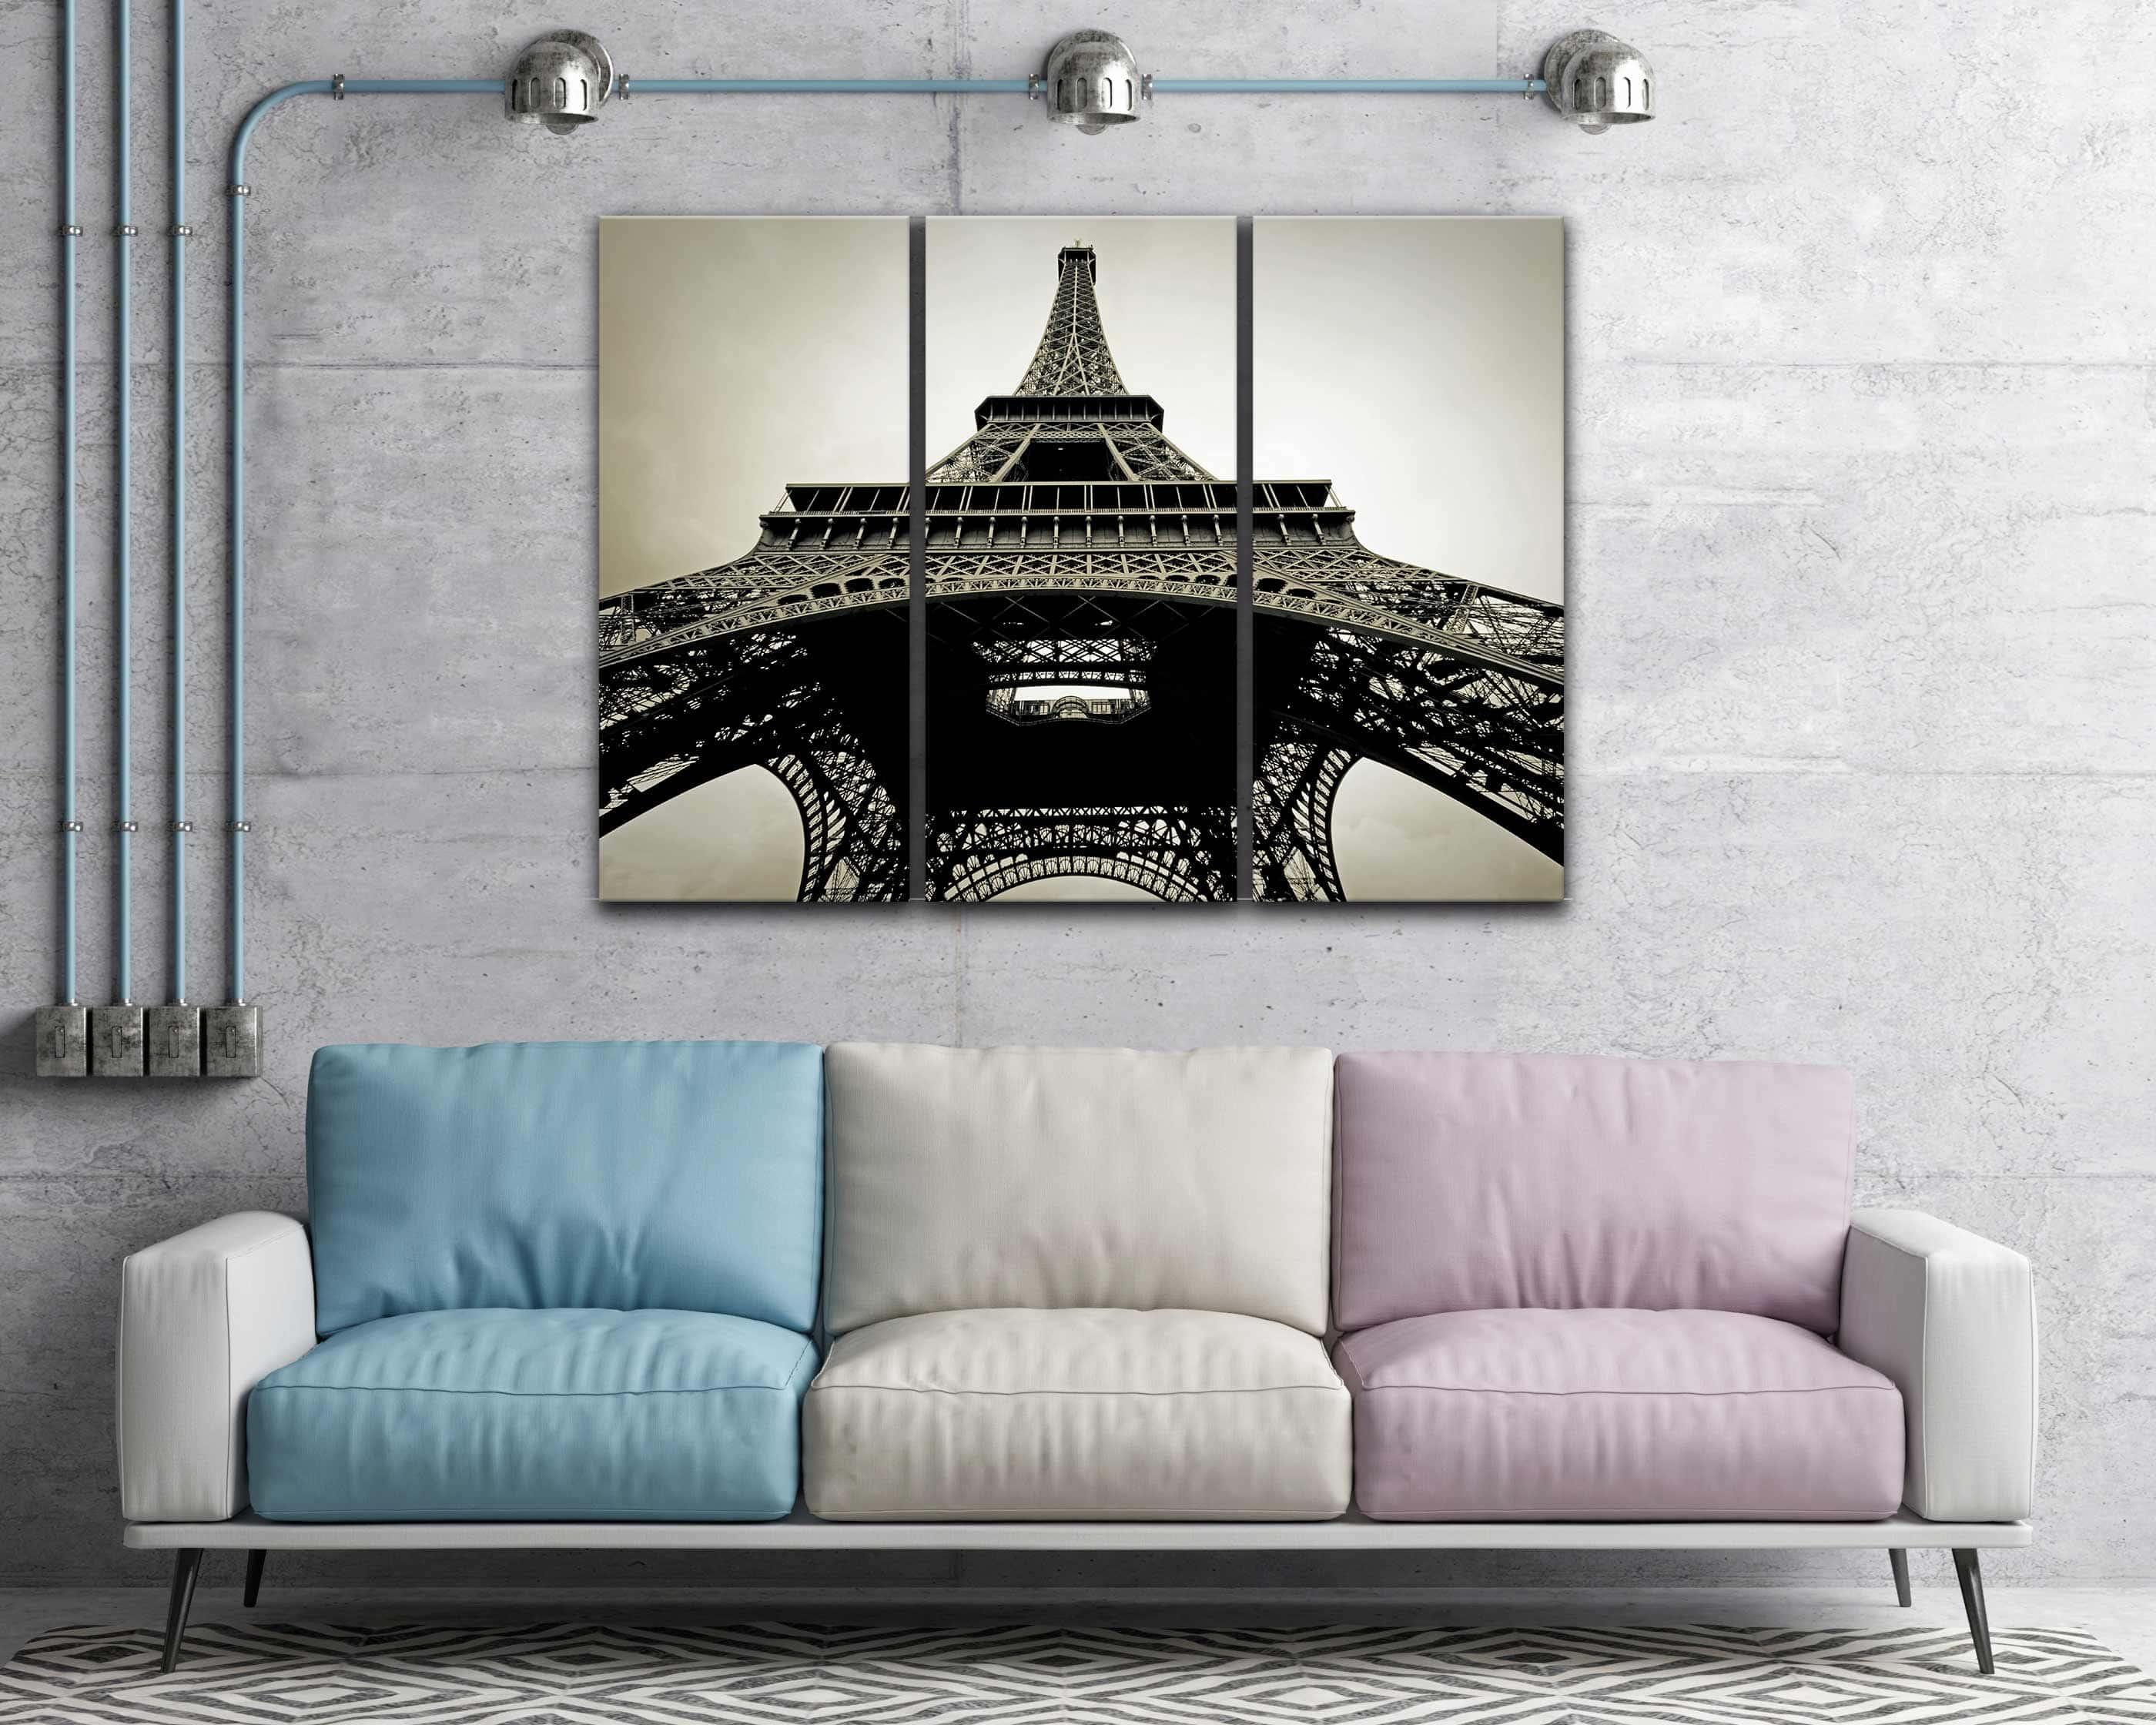 Eiffel tower canvas art picture sensations eiffel tower canvas art jeuxipadfo Images